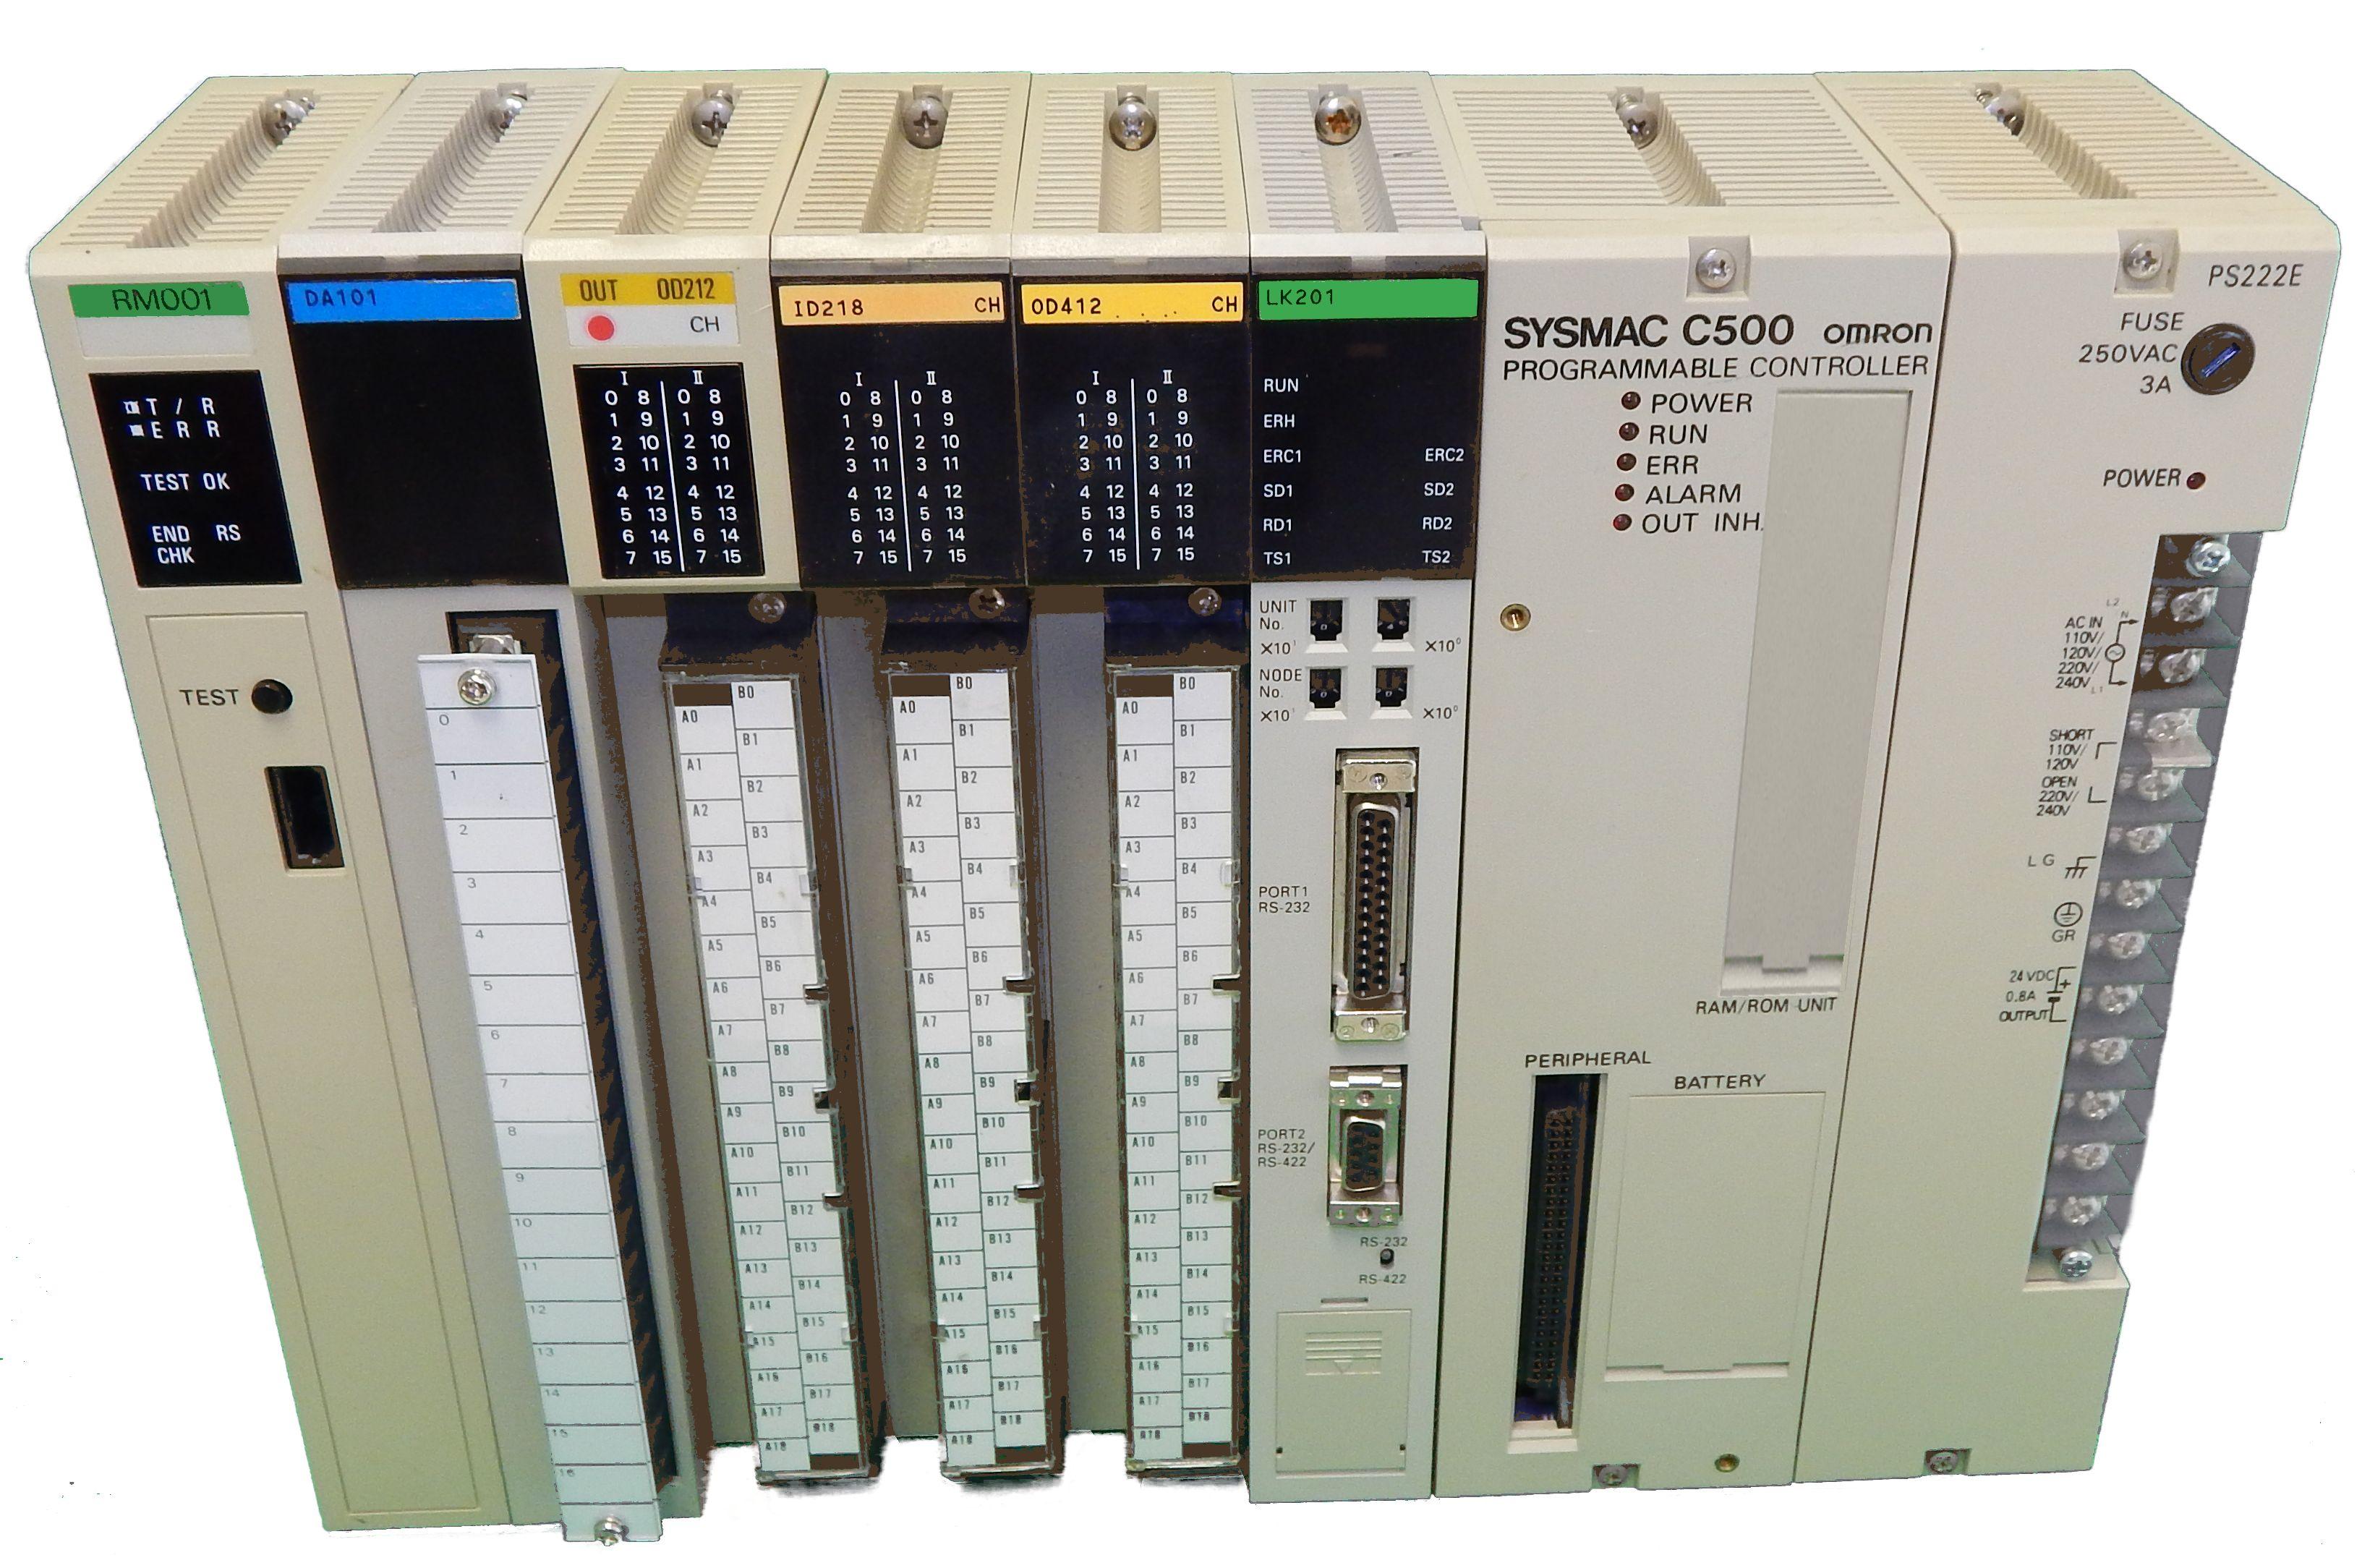 3G2A5-AD007